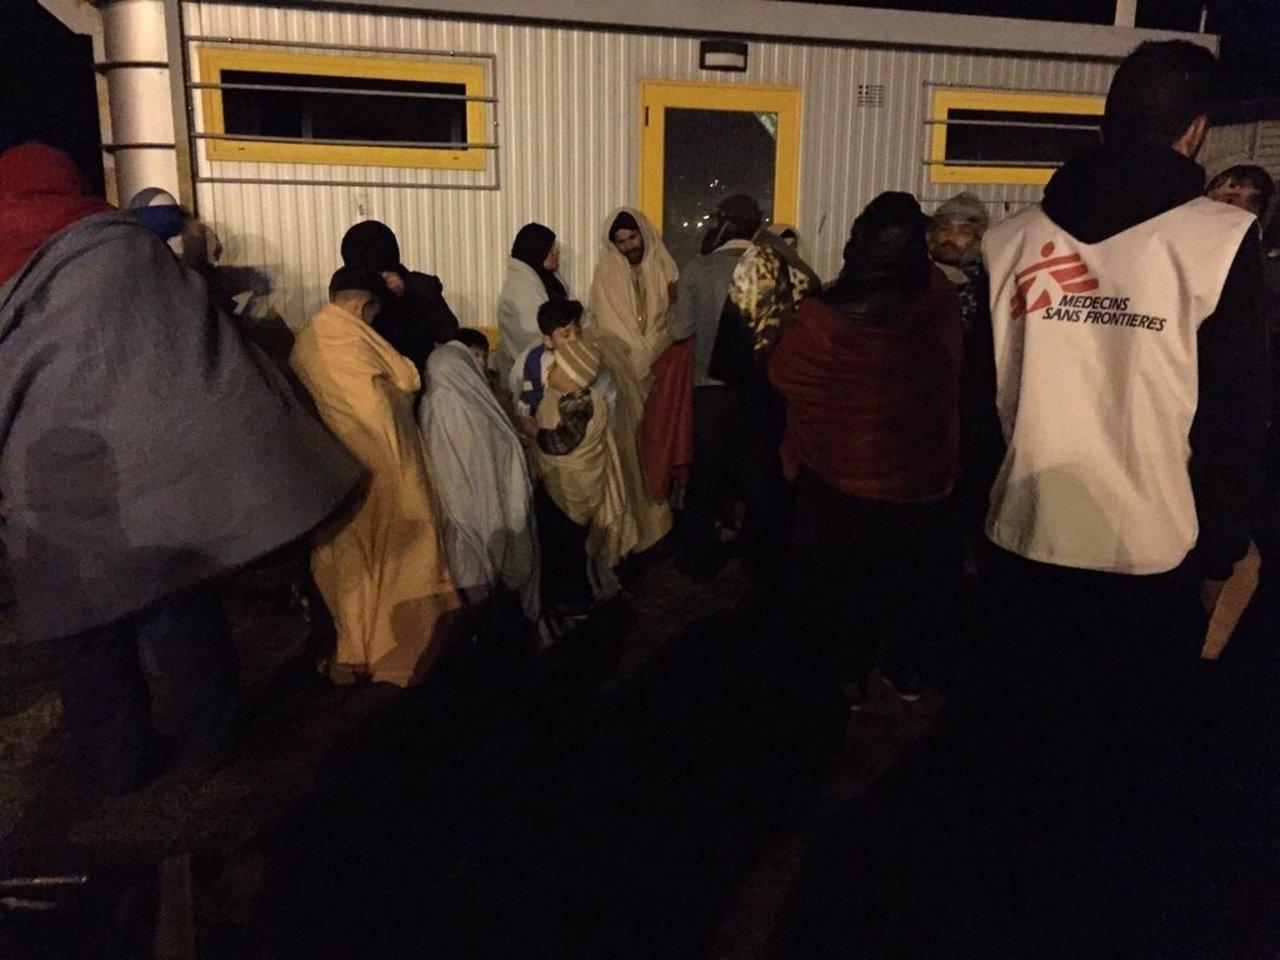 Inmigrantes rescatados diciembre 2015 mediterráneo